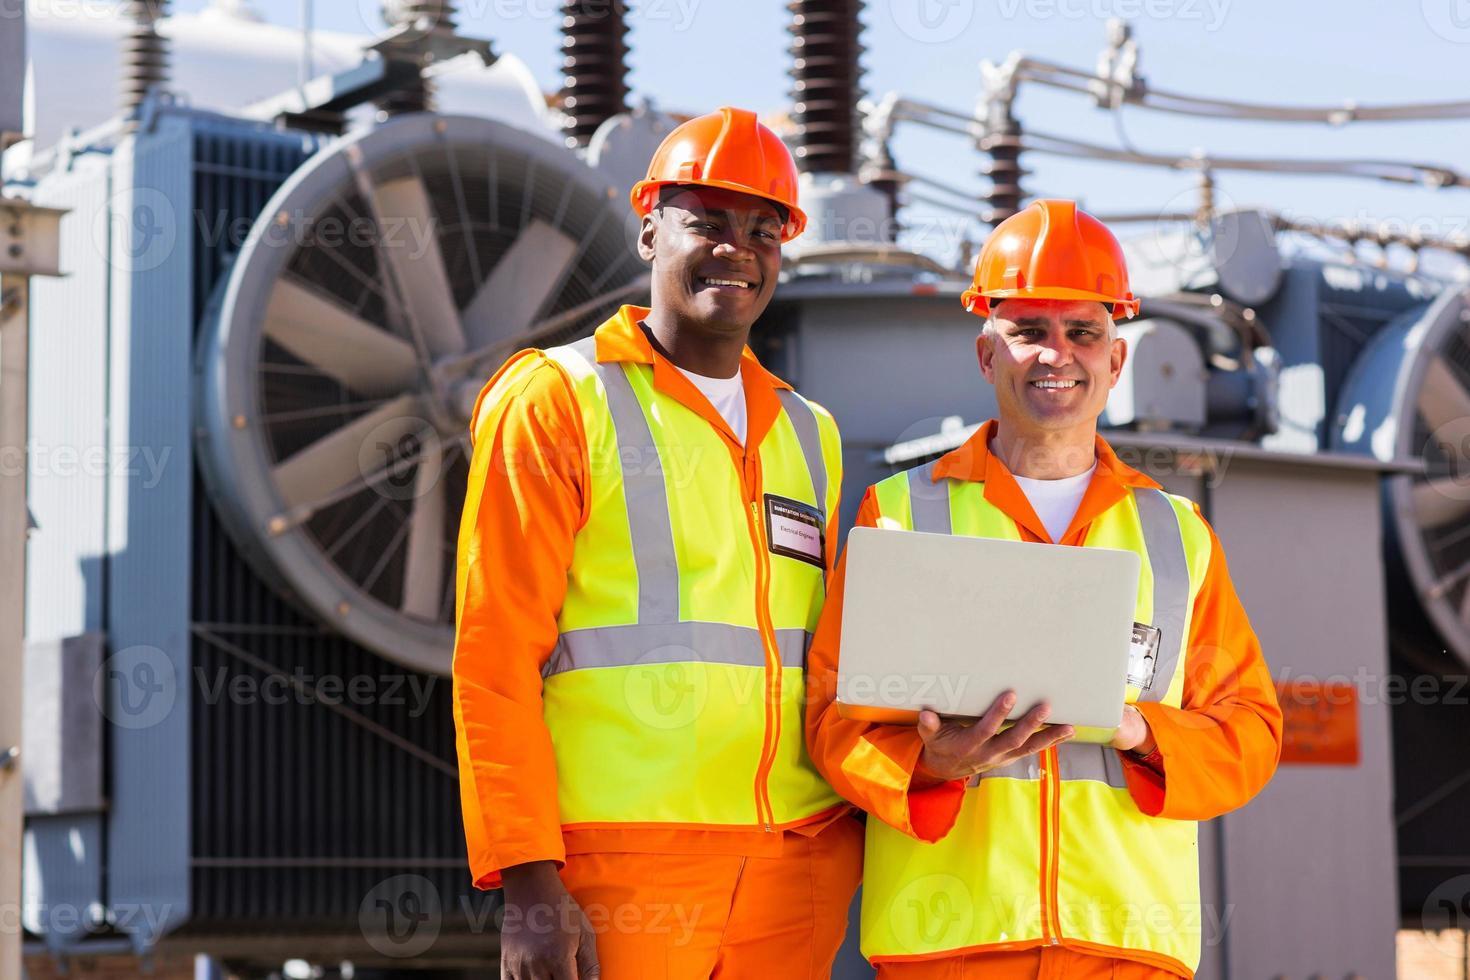 elektrotekniker med bärbar dator framför transformatorn foto